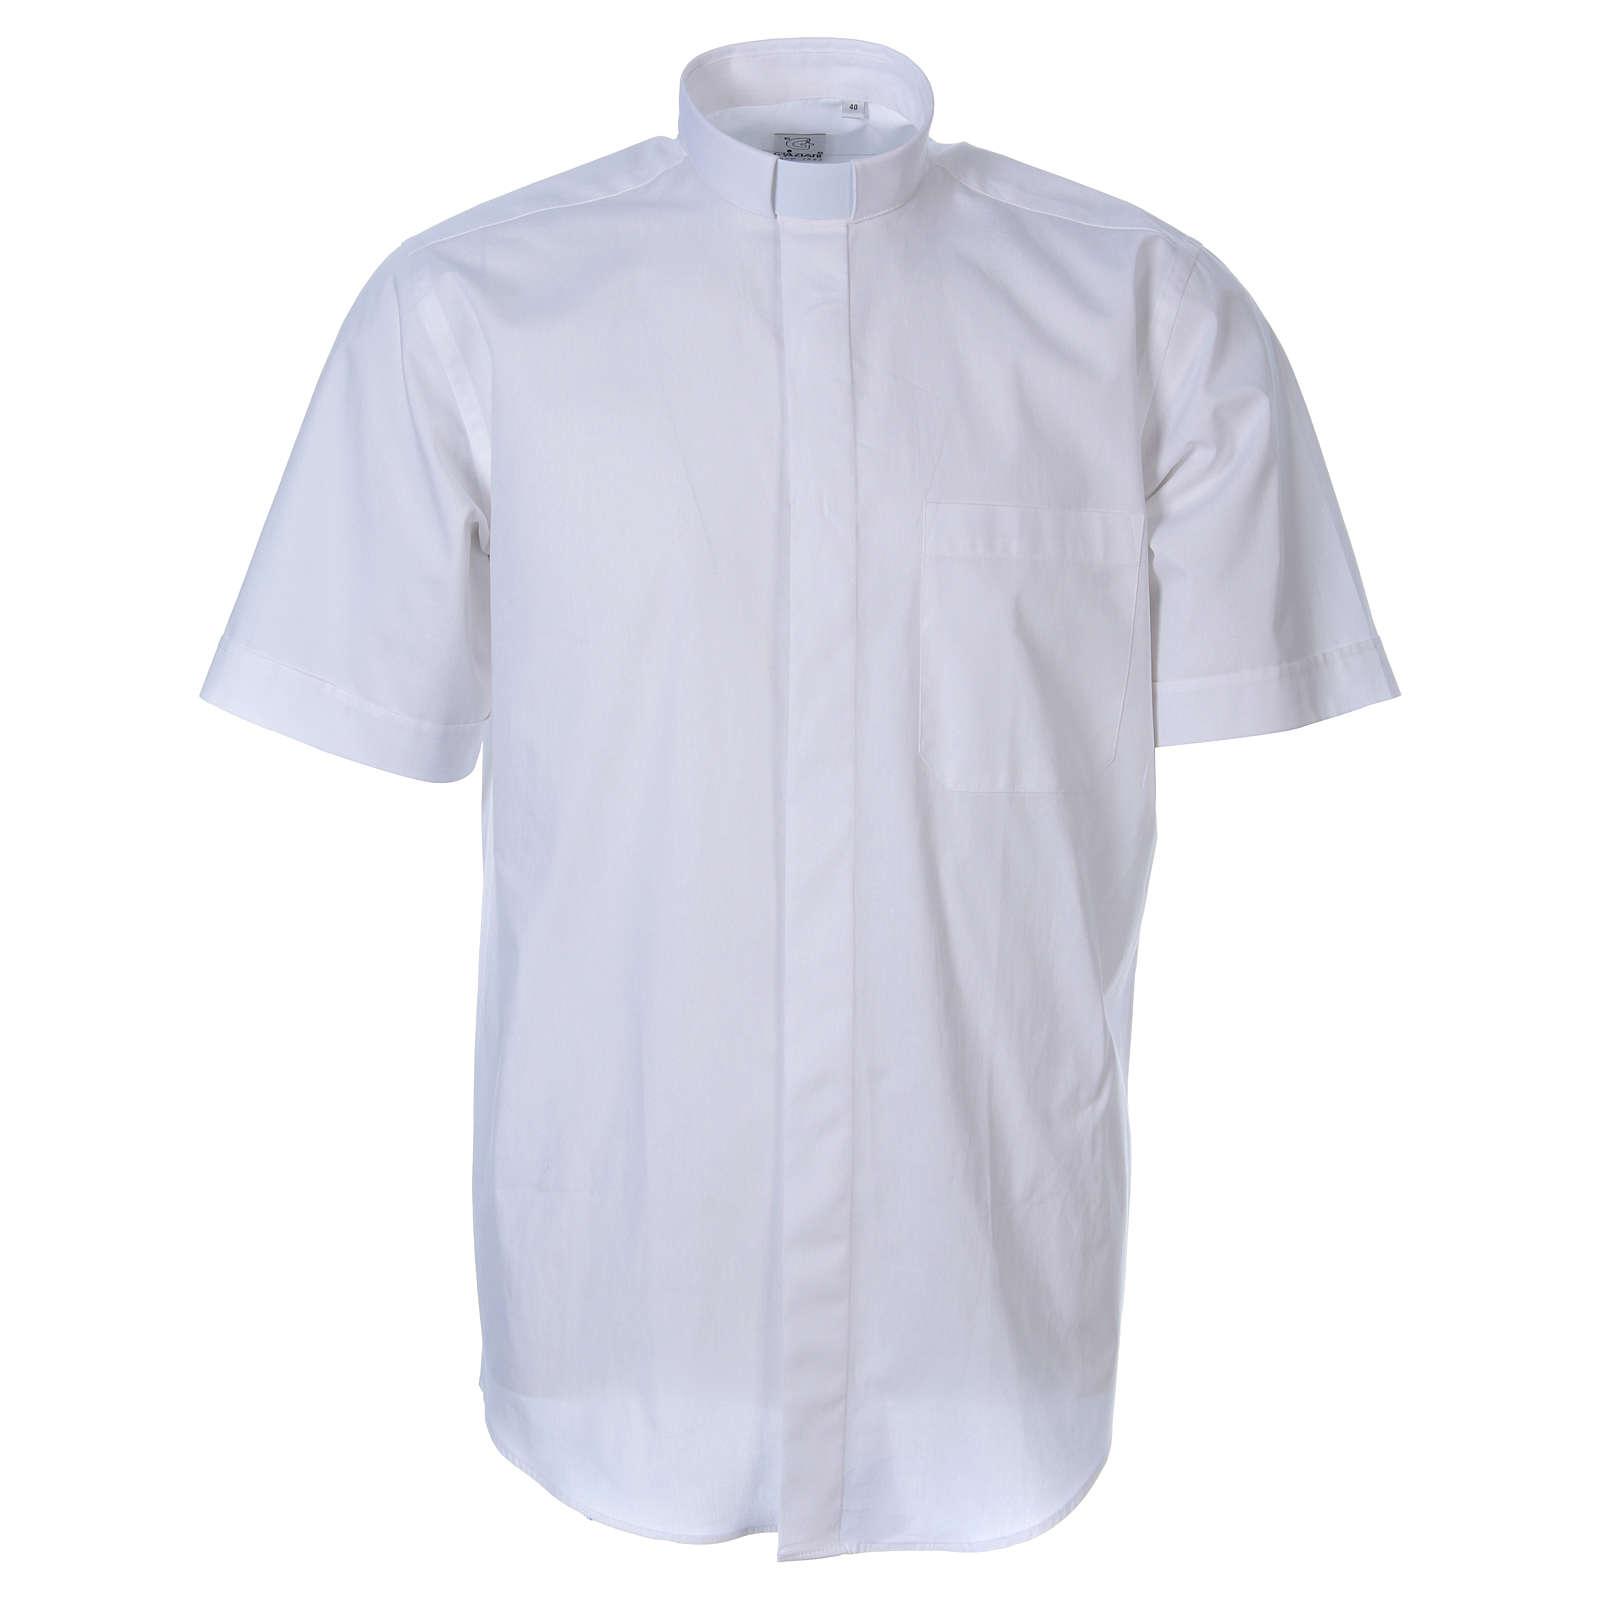 STOCK White short sleeve clergy shirt, poplin 4